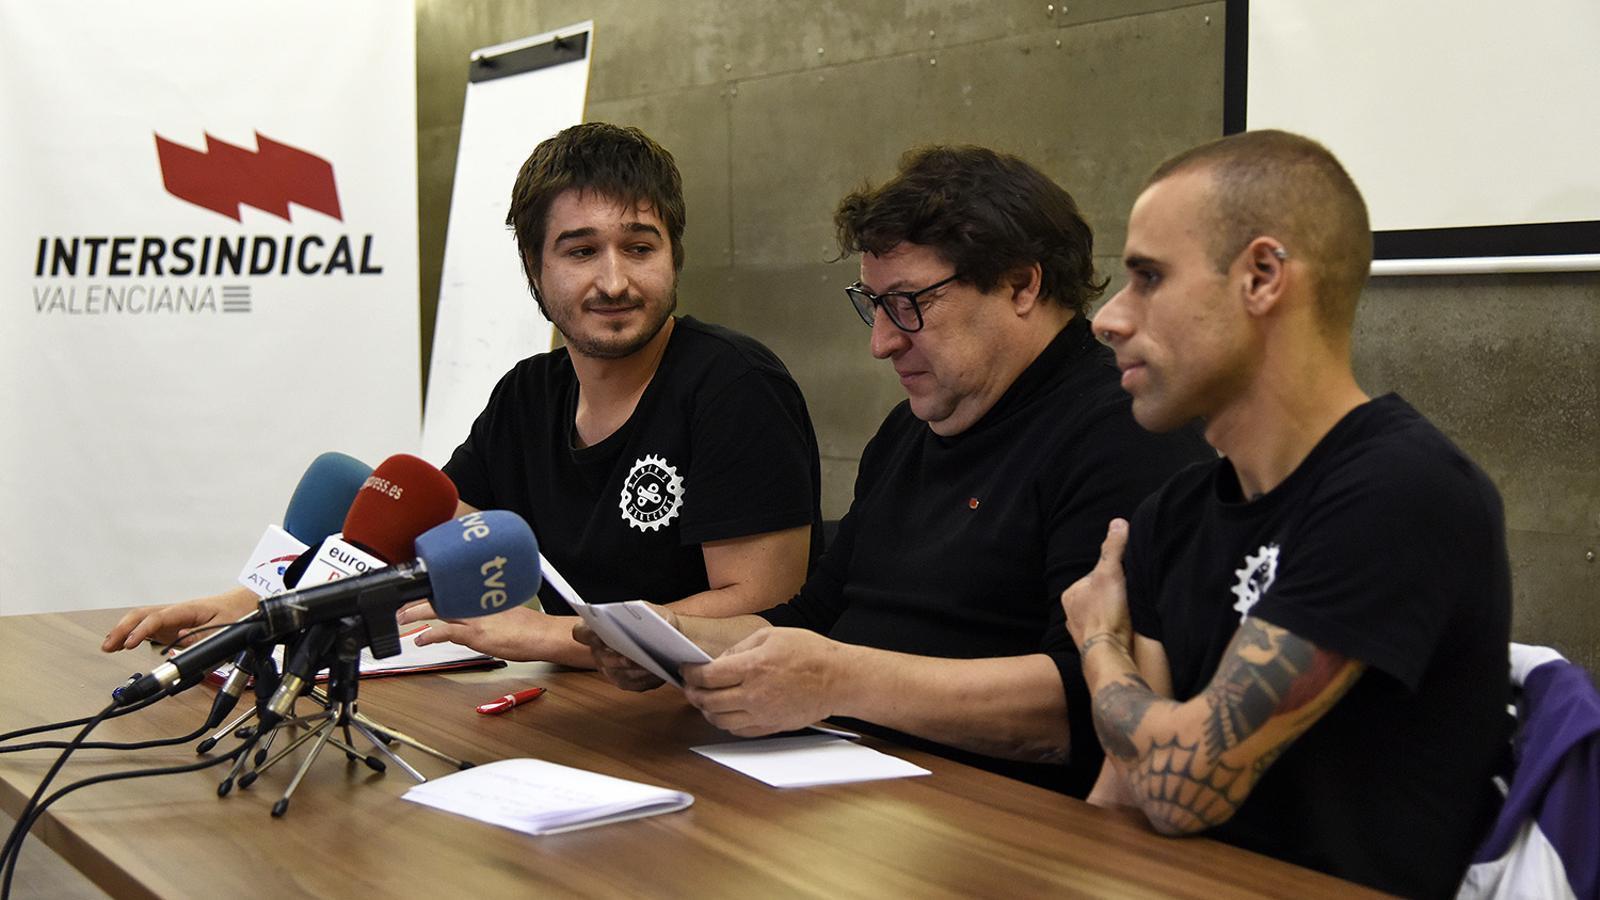 L'extreballador de Deliveroo, Víctor Sánchez, acompanyat pel dirigent d'Intersindical Valenciana, Marco Antonio Llerena, i del seu excompany a l'empresa, Carlos Iglesias / DANIEL GARCÍA-SALA